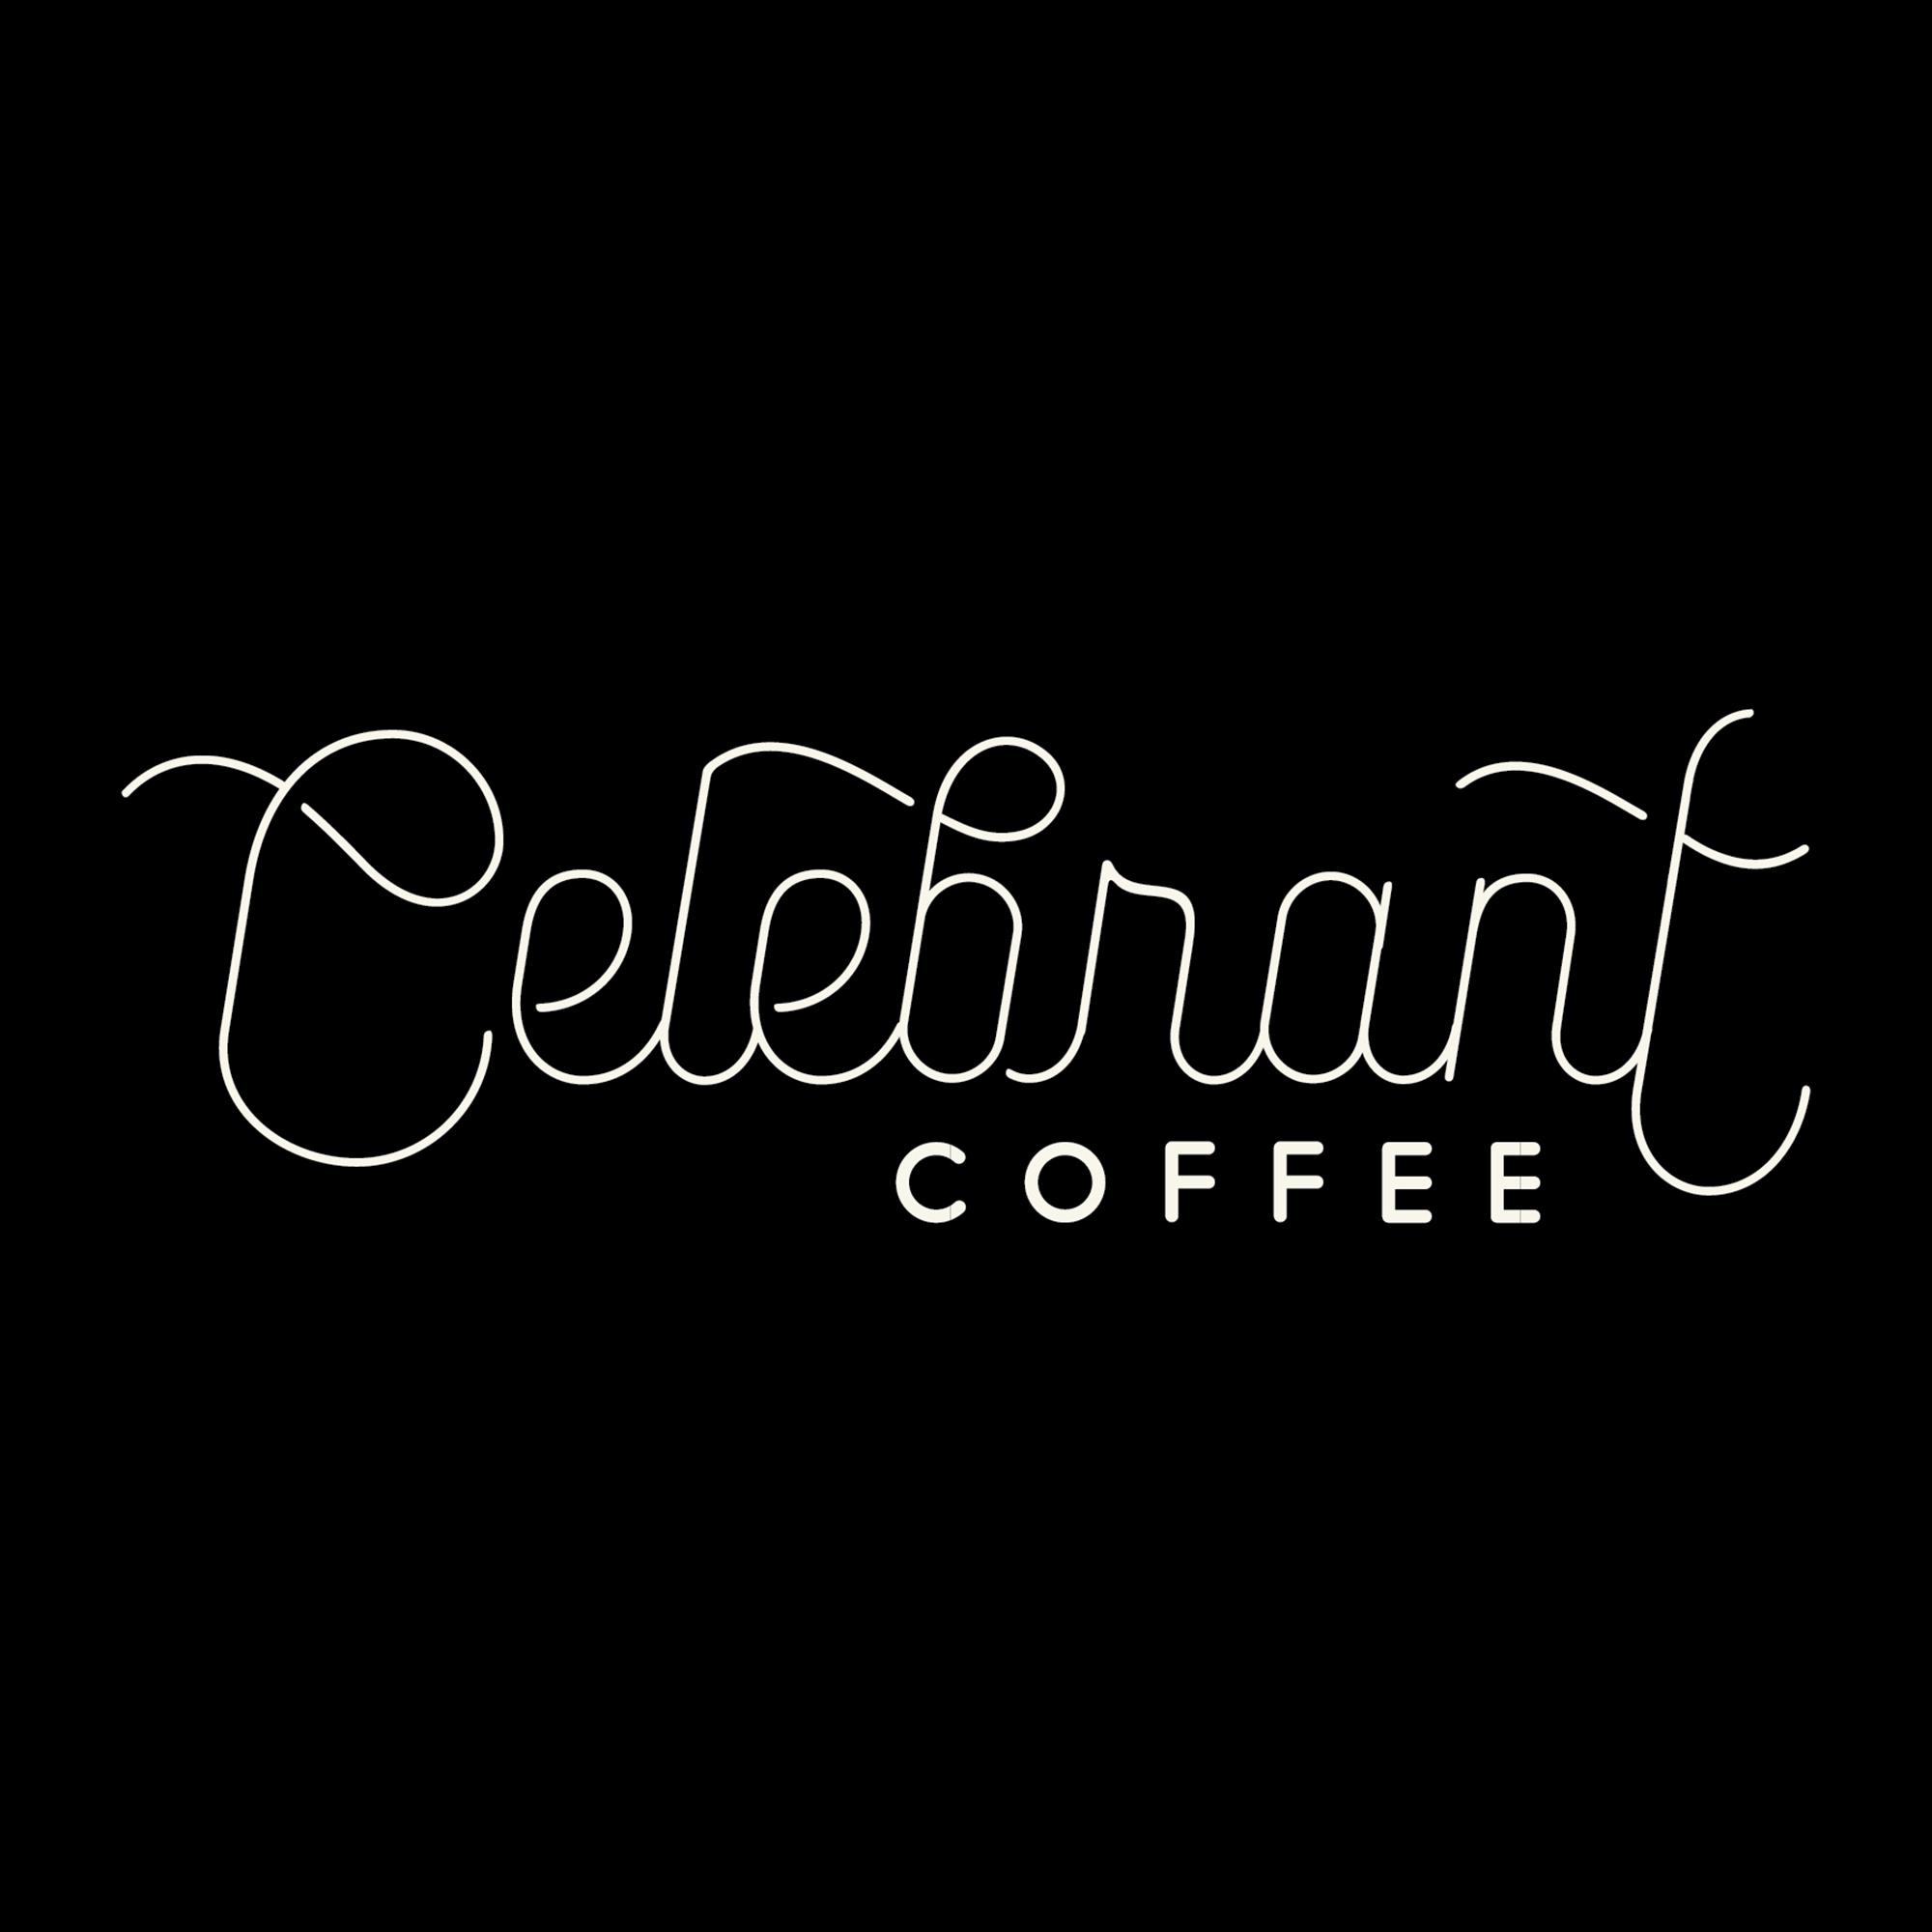 Celebrant Coffee   Cold Brew